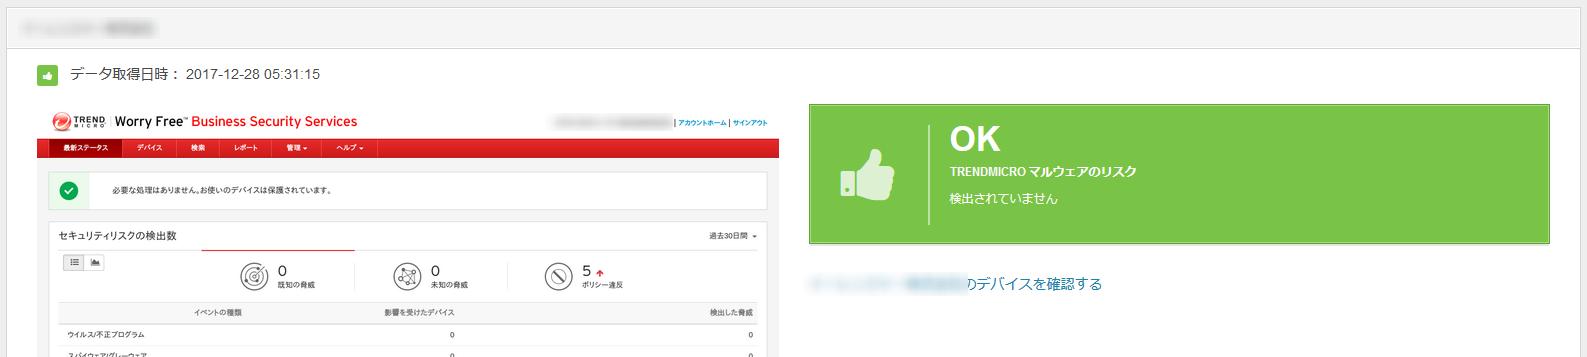 オクトパス画面 ウィルス対策ソフトOK イー・レンジャー株式会社